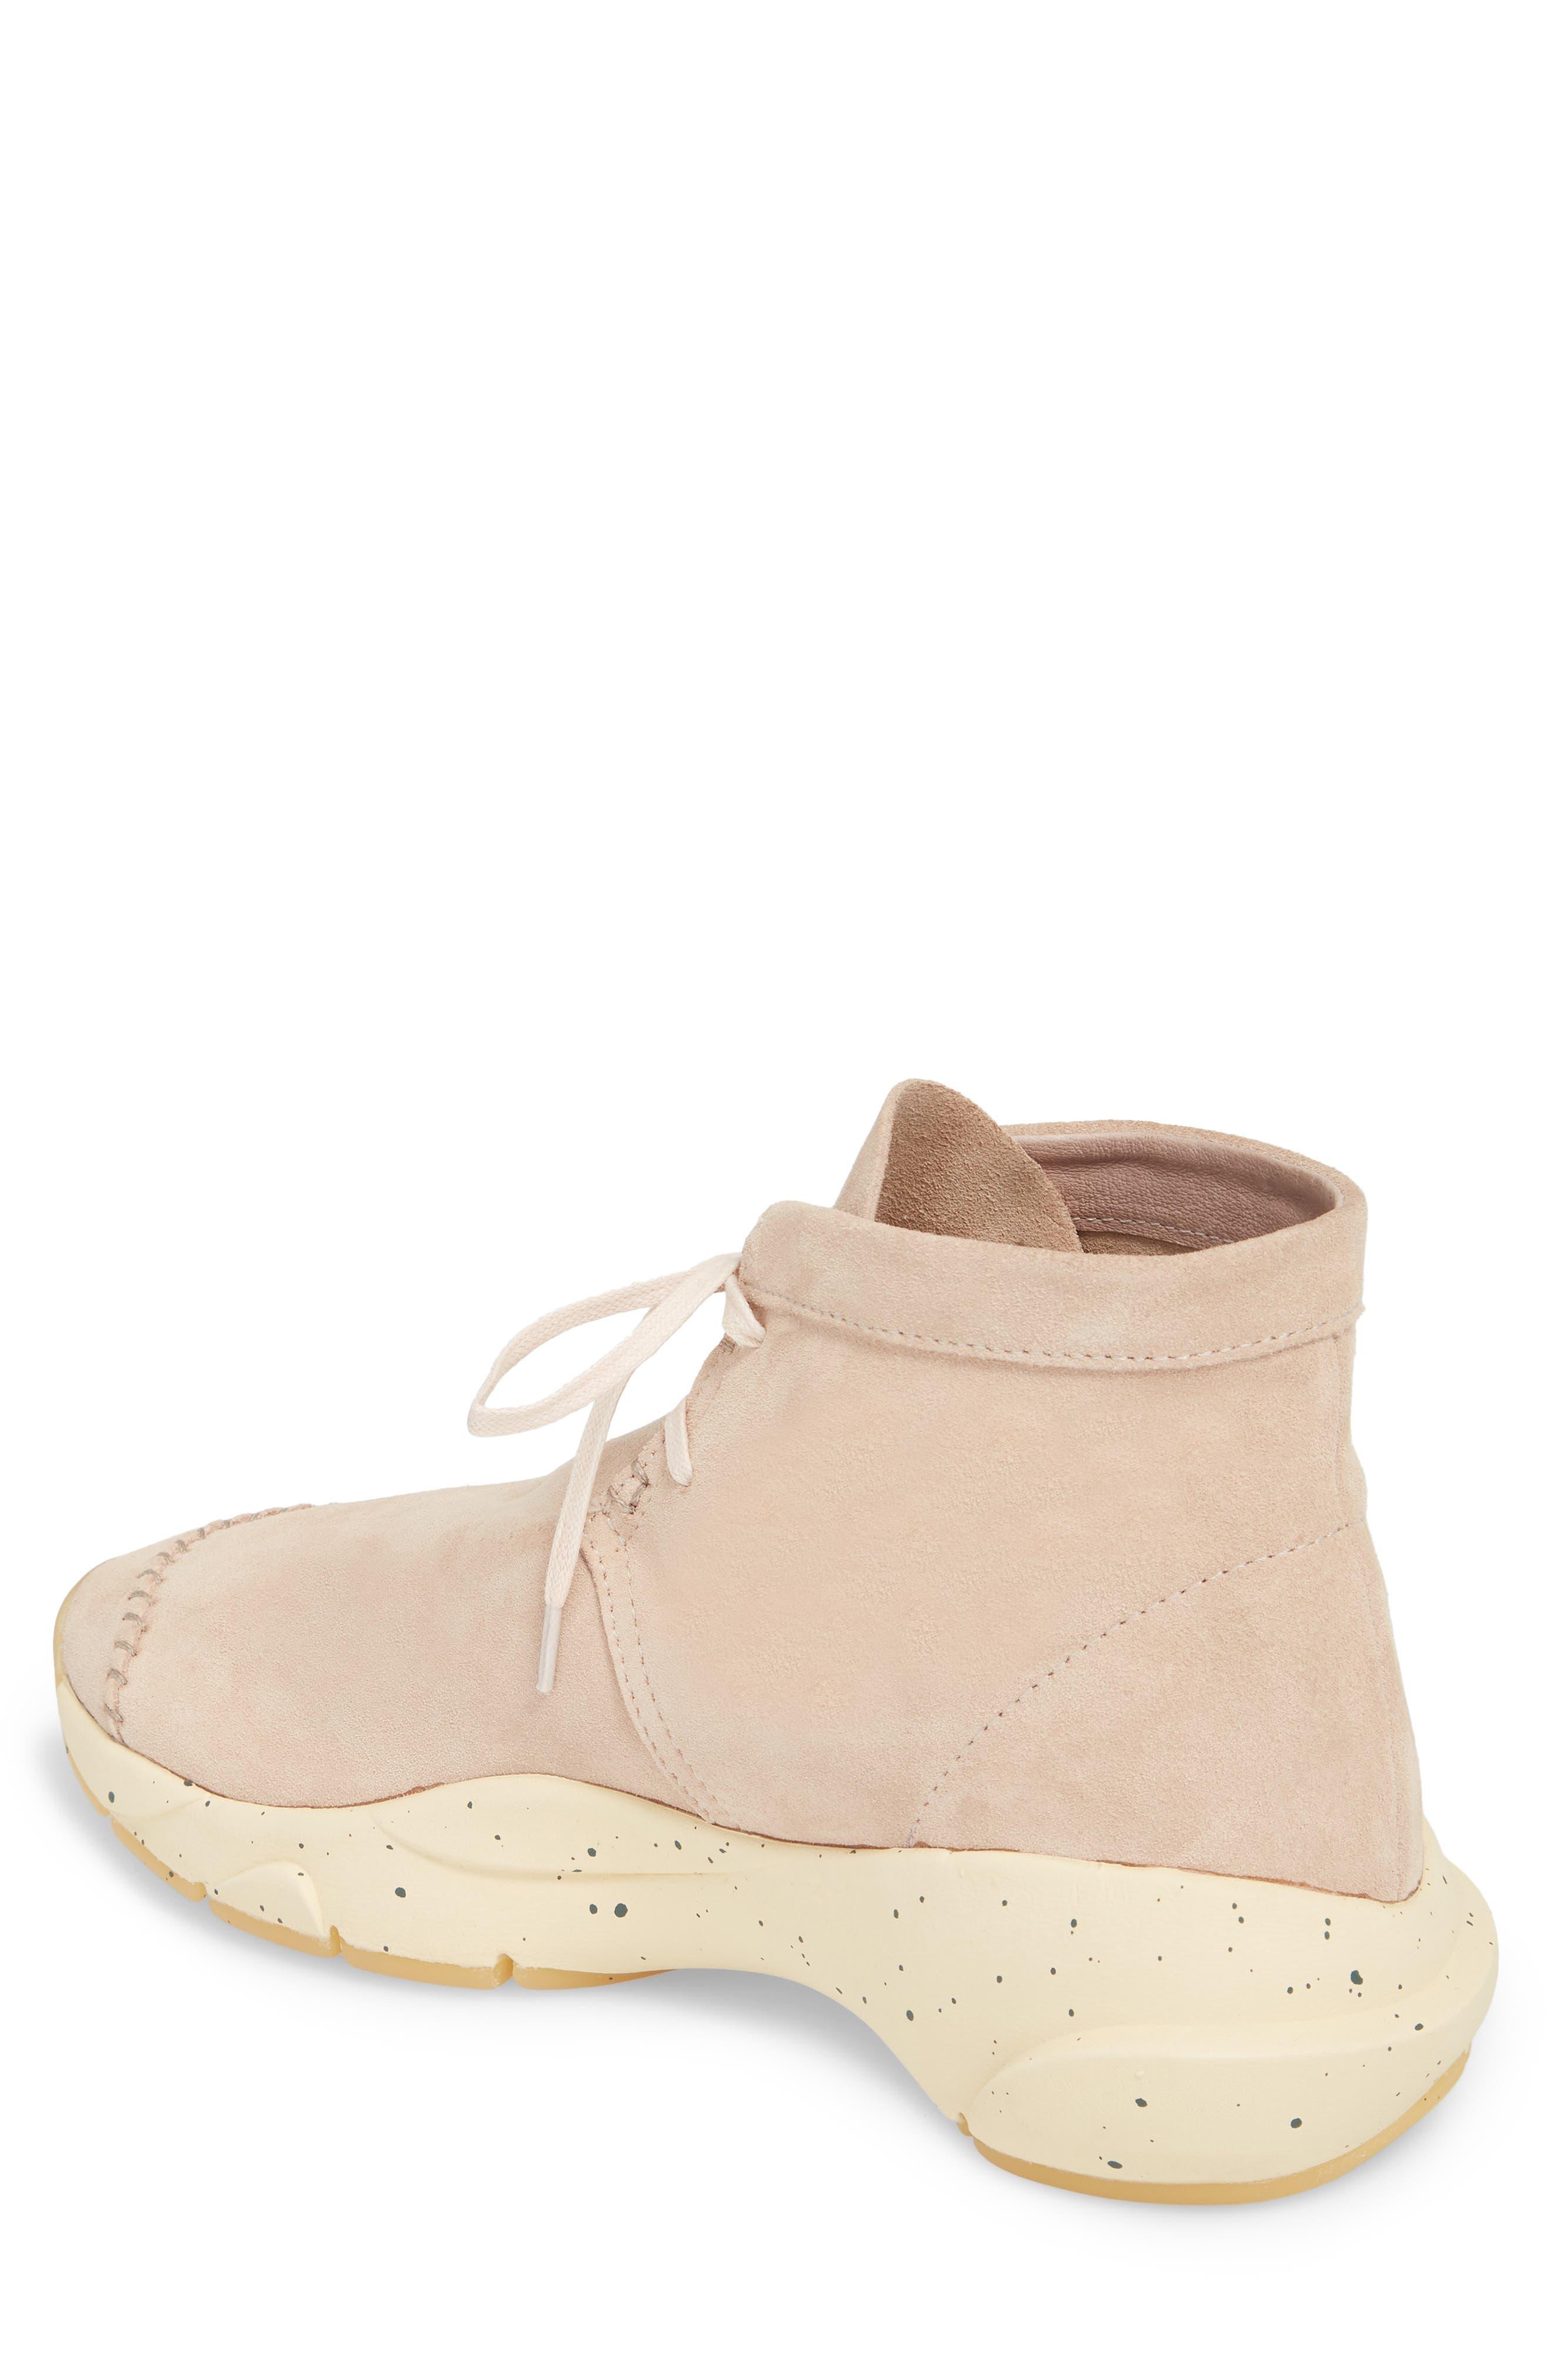 Castas Asymmetrical Chukka Sneaker,                             Alternate thumbnail 2, color,                             Rose Dust